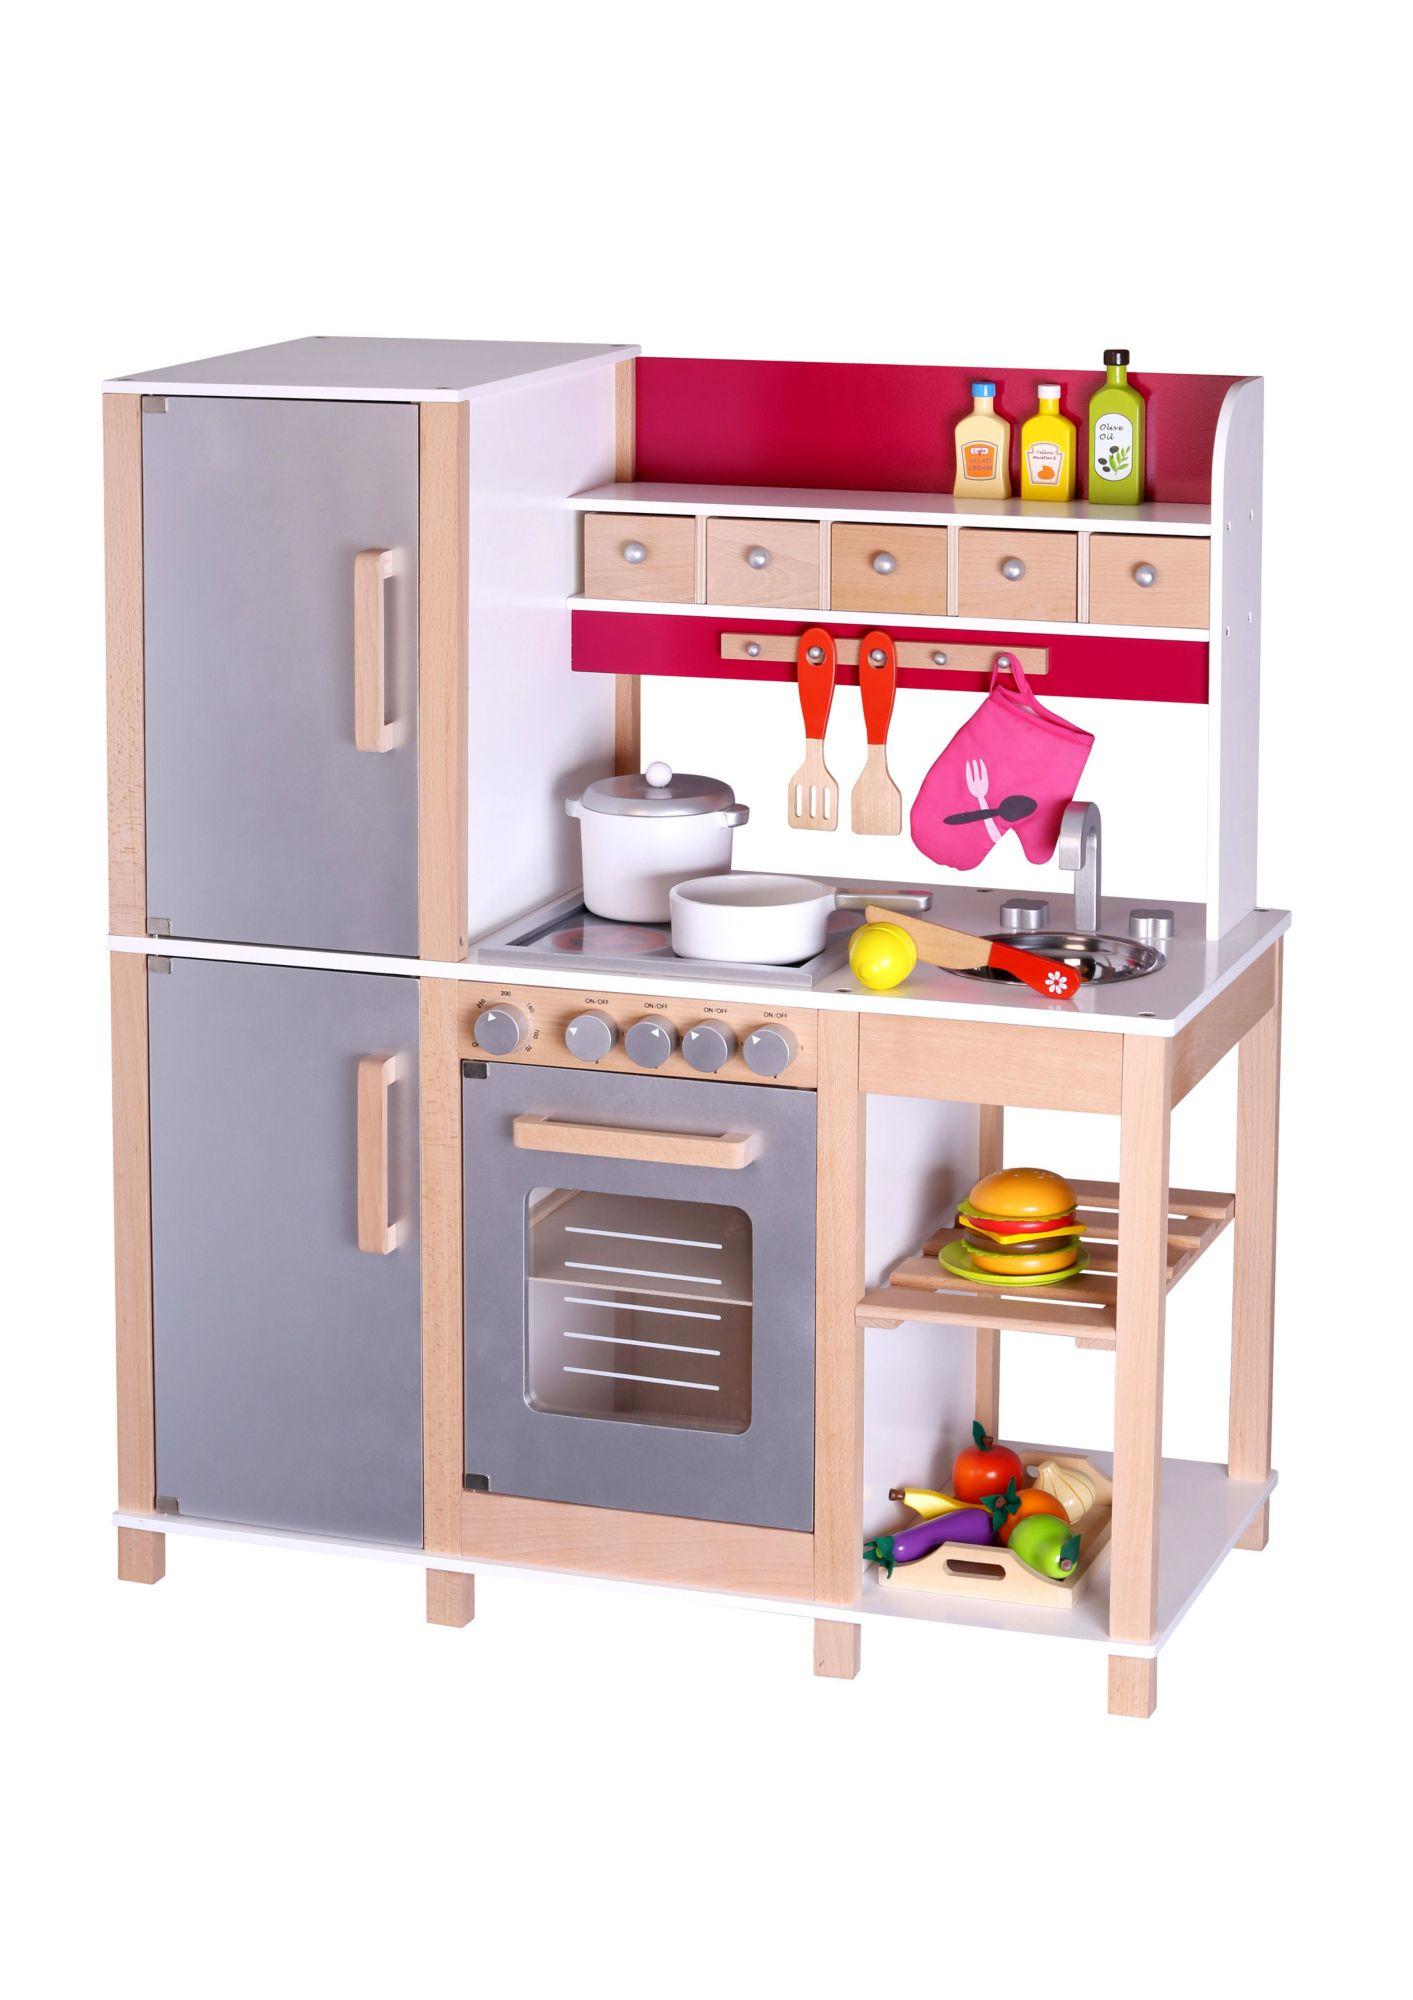 Kinderspielkuche aus holz spielkuche gross sun for Spielküche sun